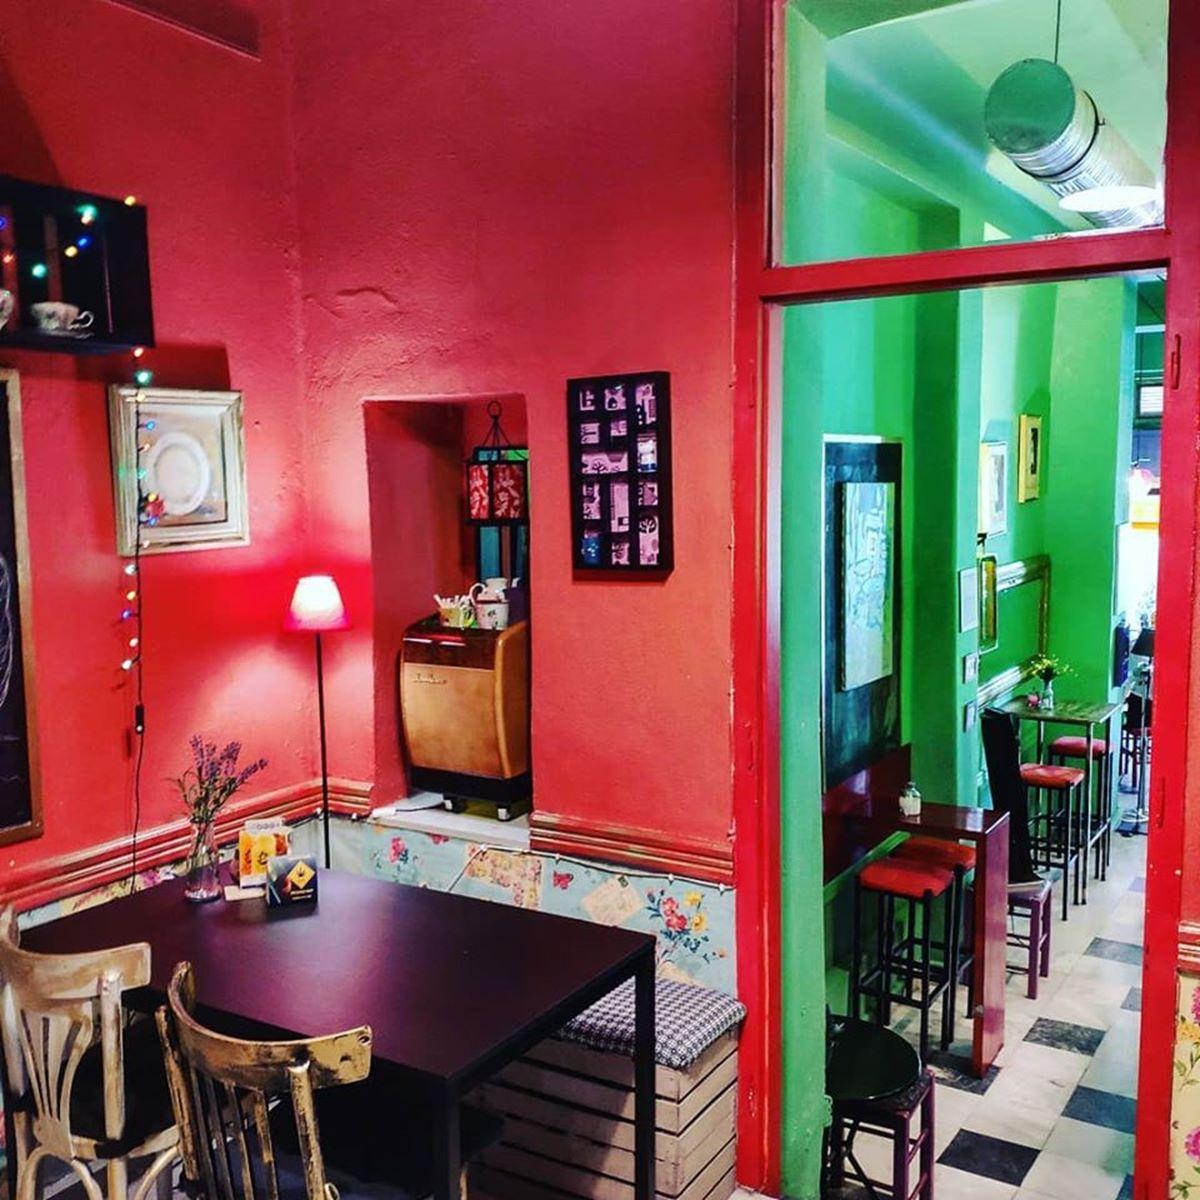 Απίθανη ιδέα Λαρισαίας: To πρώτο online cafe στην Ελλάδα! Το τέλειο στέκι για την καραντίνα από την «Κιμωλία» (φωτο)